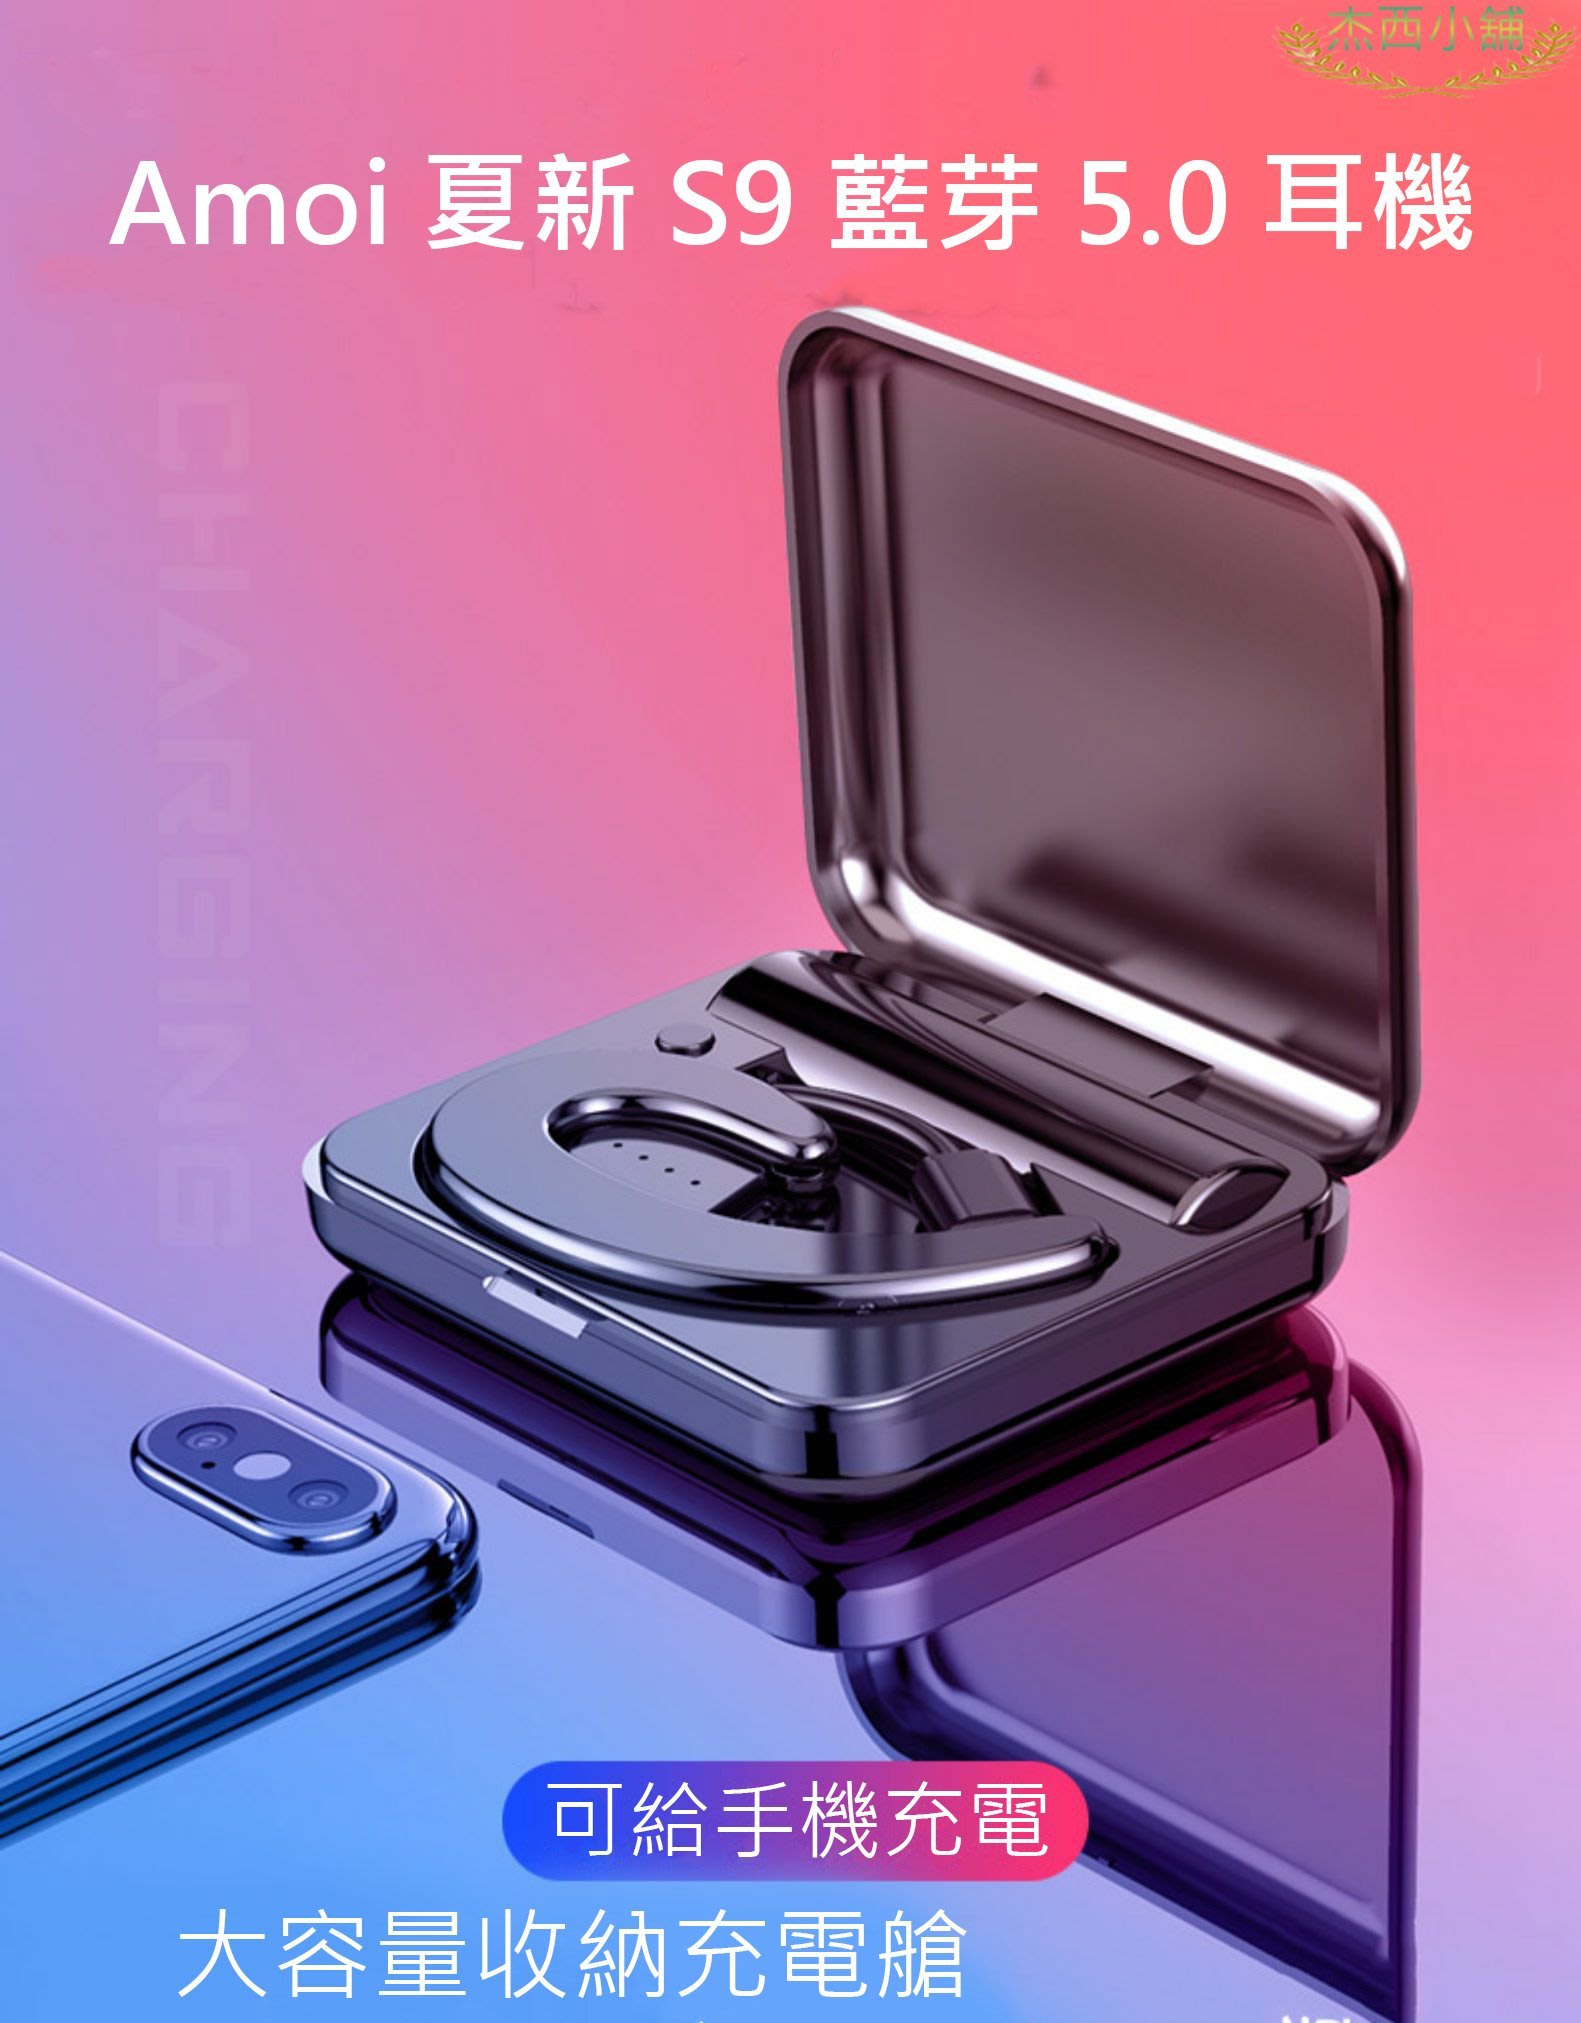 杰西小舖  Amoi夏新 S9不入耳 無線藍芽耳機 單耳 掛耳式  蘋果、安卓手機適用